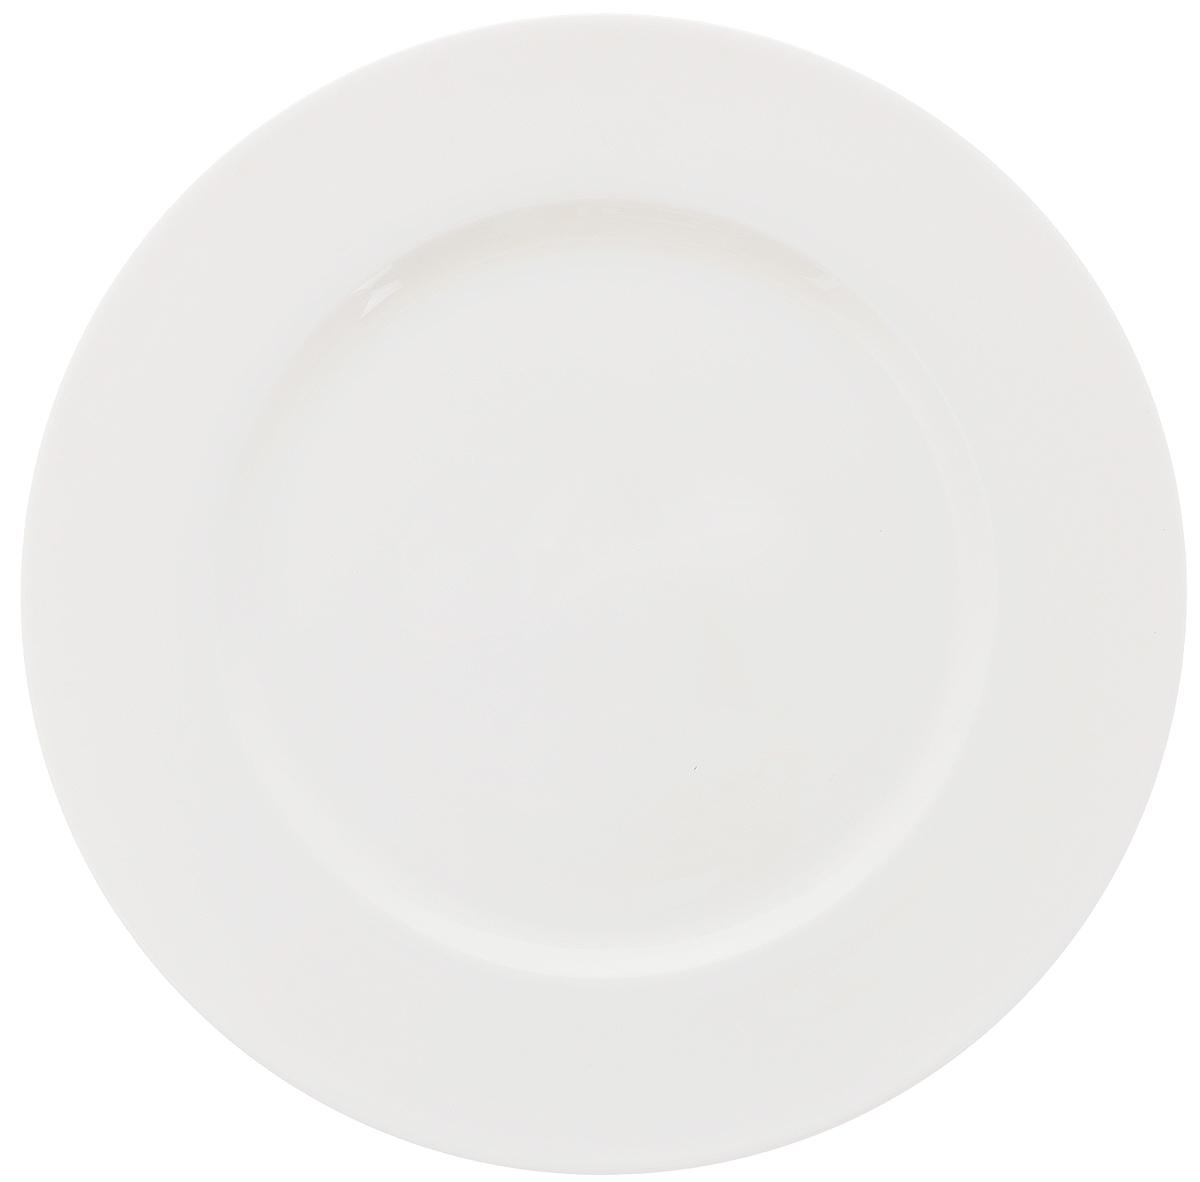 Тарелка Wilmax, диаметр 20 см. WL-991006 / A54 009312Тарелка Wilmax, изготовленная из высококачественного фарфора, имеет классическую круглую форму. Оригинальный дизайн придется по вкусу и ценителям классики, и тем, кто предпочитает утонченность и изысканность. Тарелка Wilmax идеально подойдет для сервировки стола и станет отличным подарком к любому празднику.